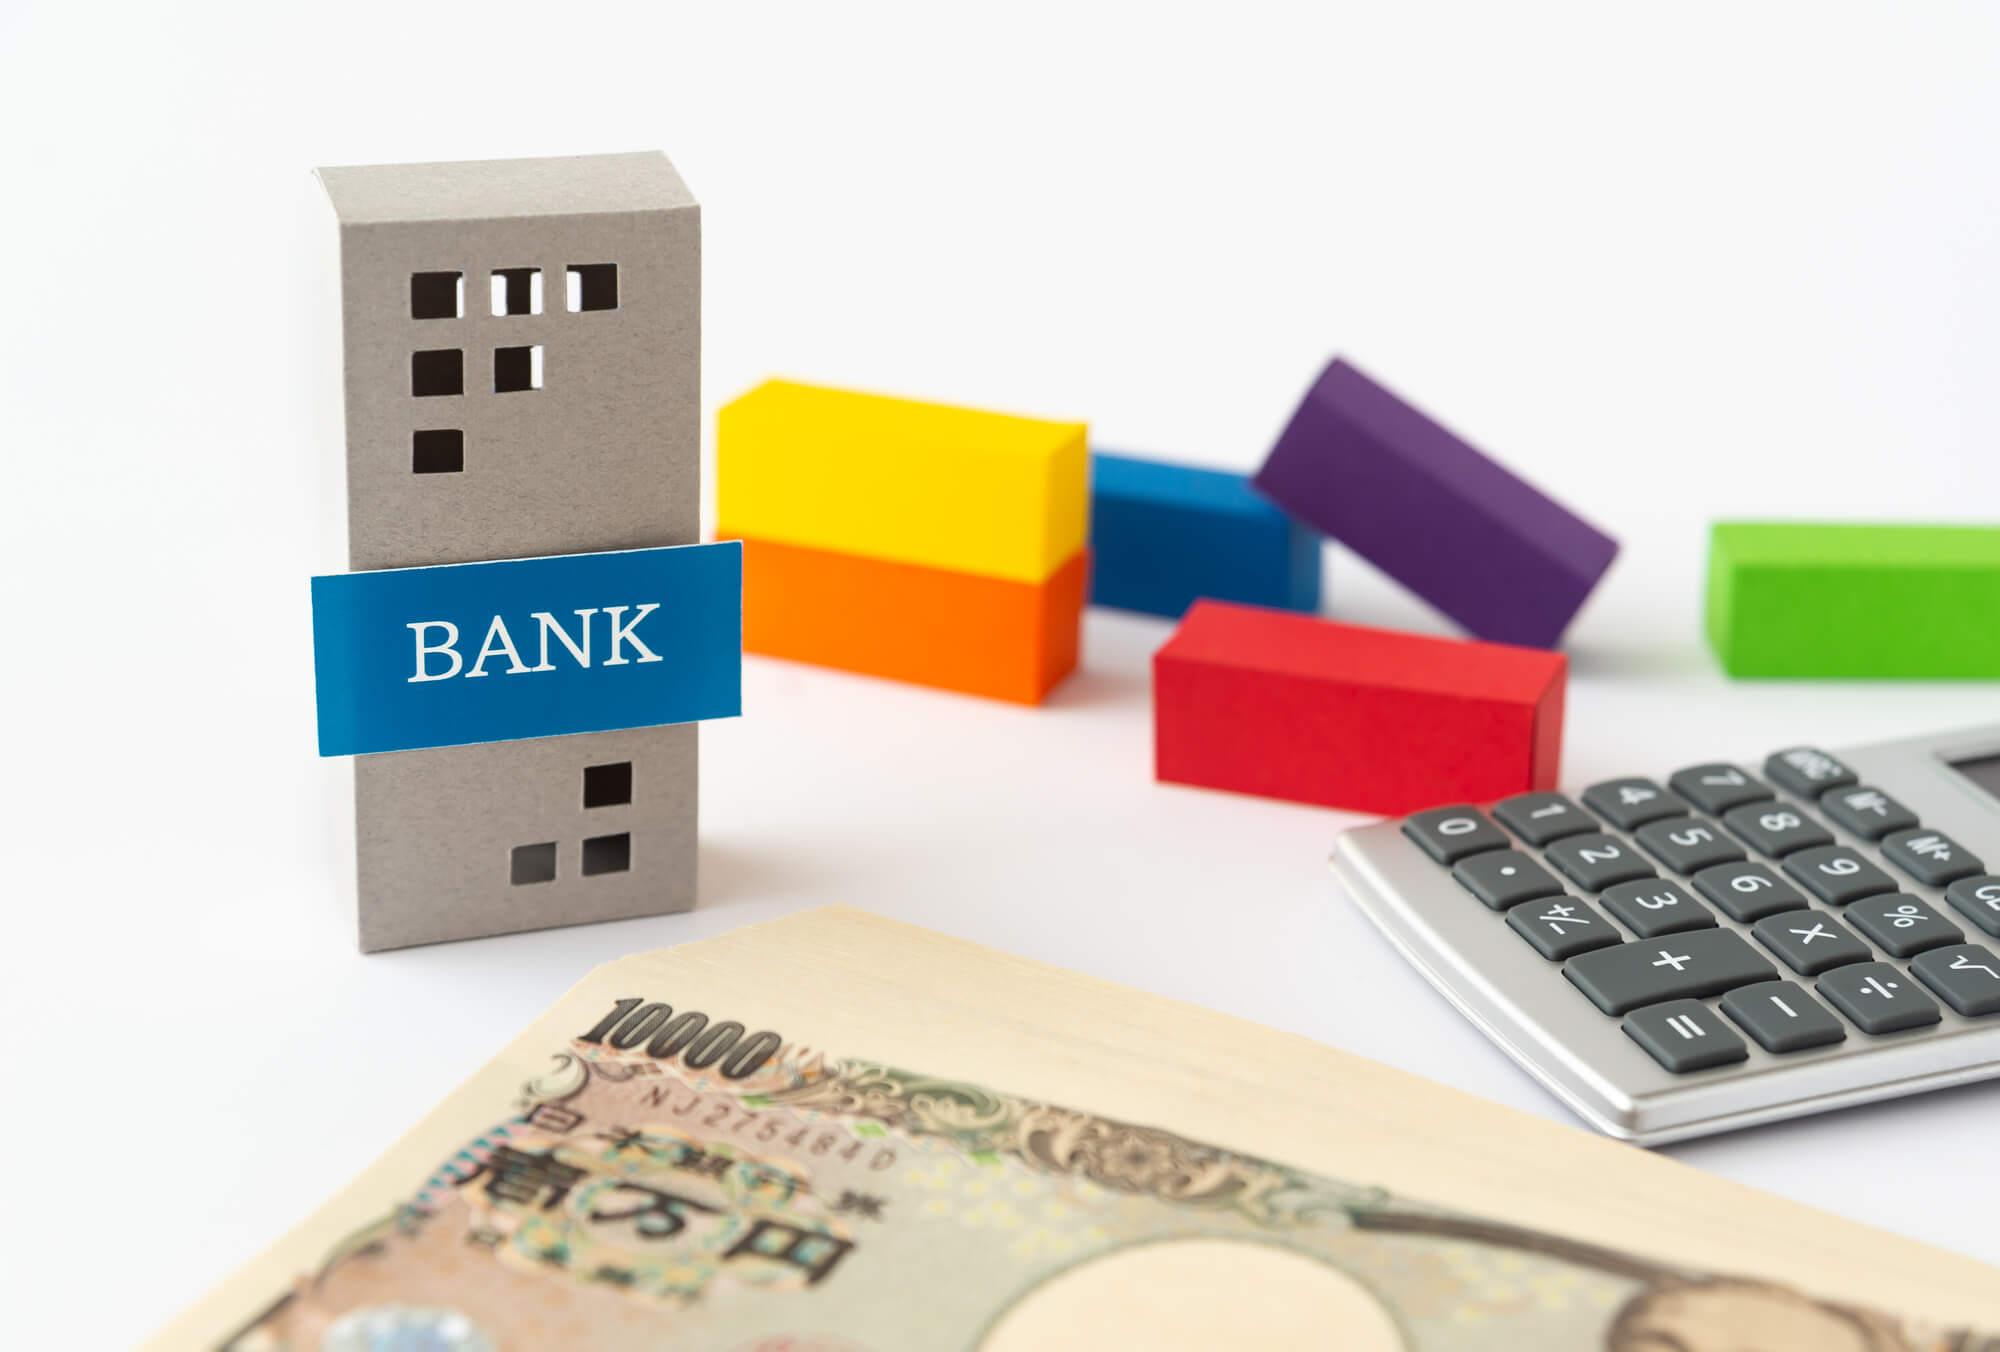 銀行のオブジェ